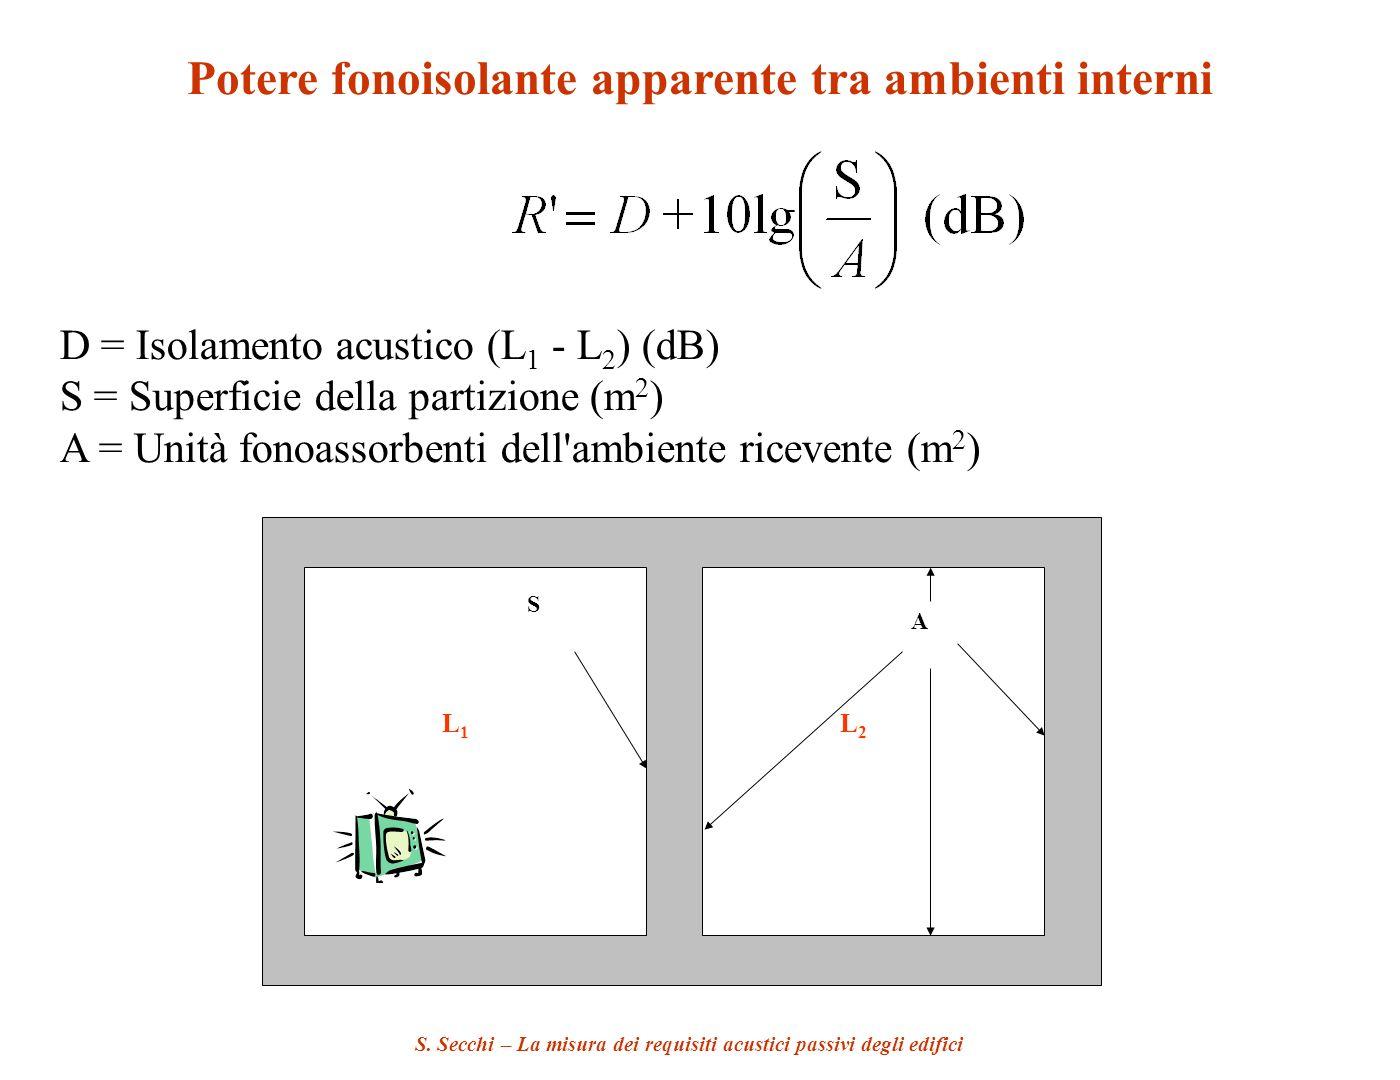 Potere fonoisolante apparente tra ambienti interni